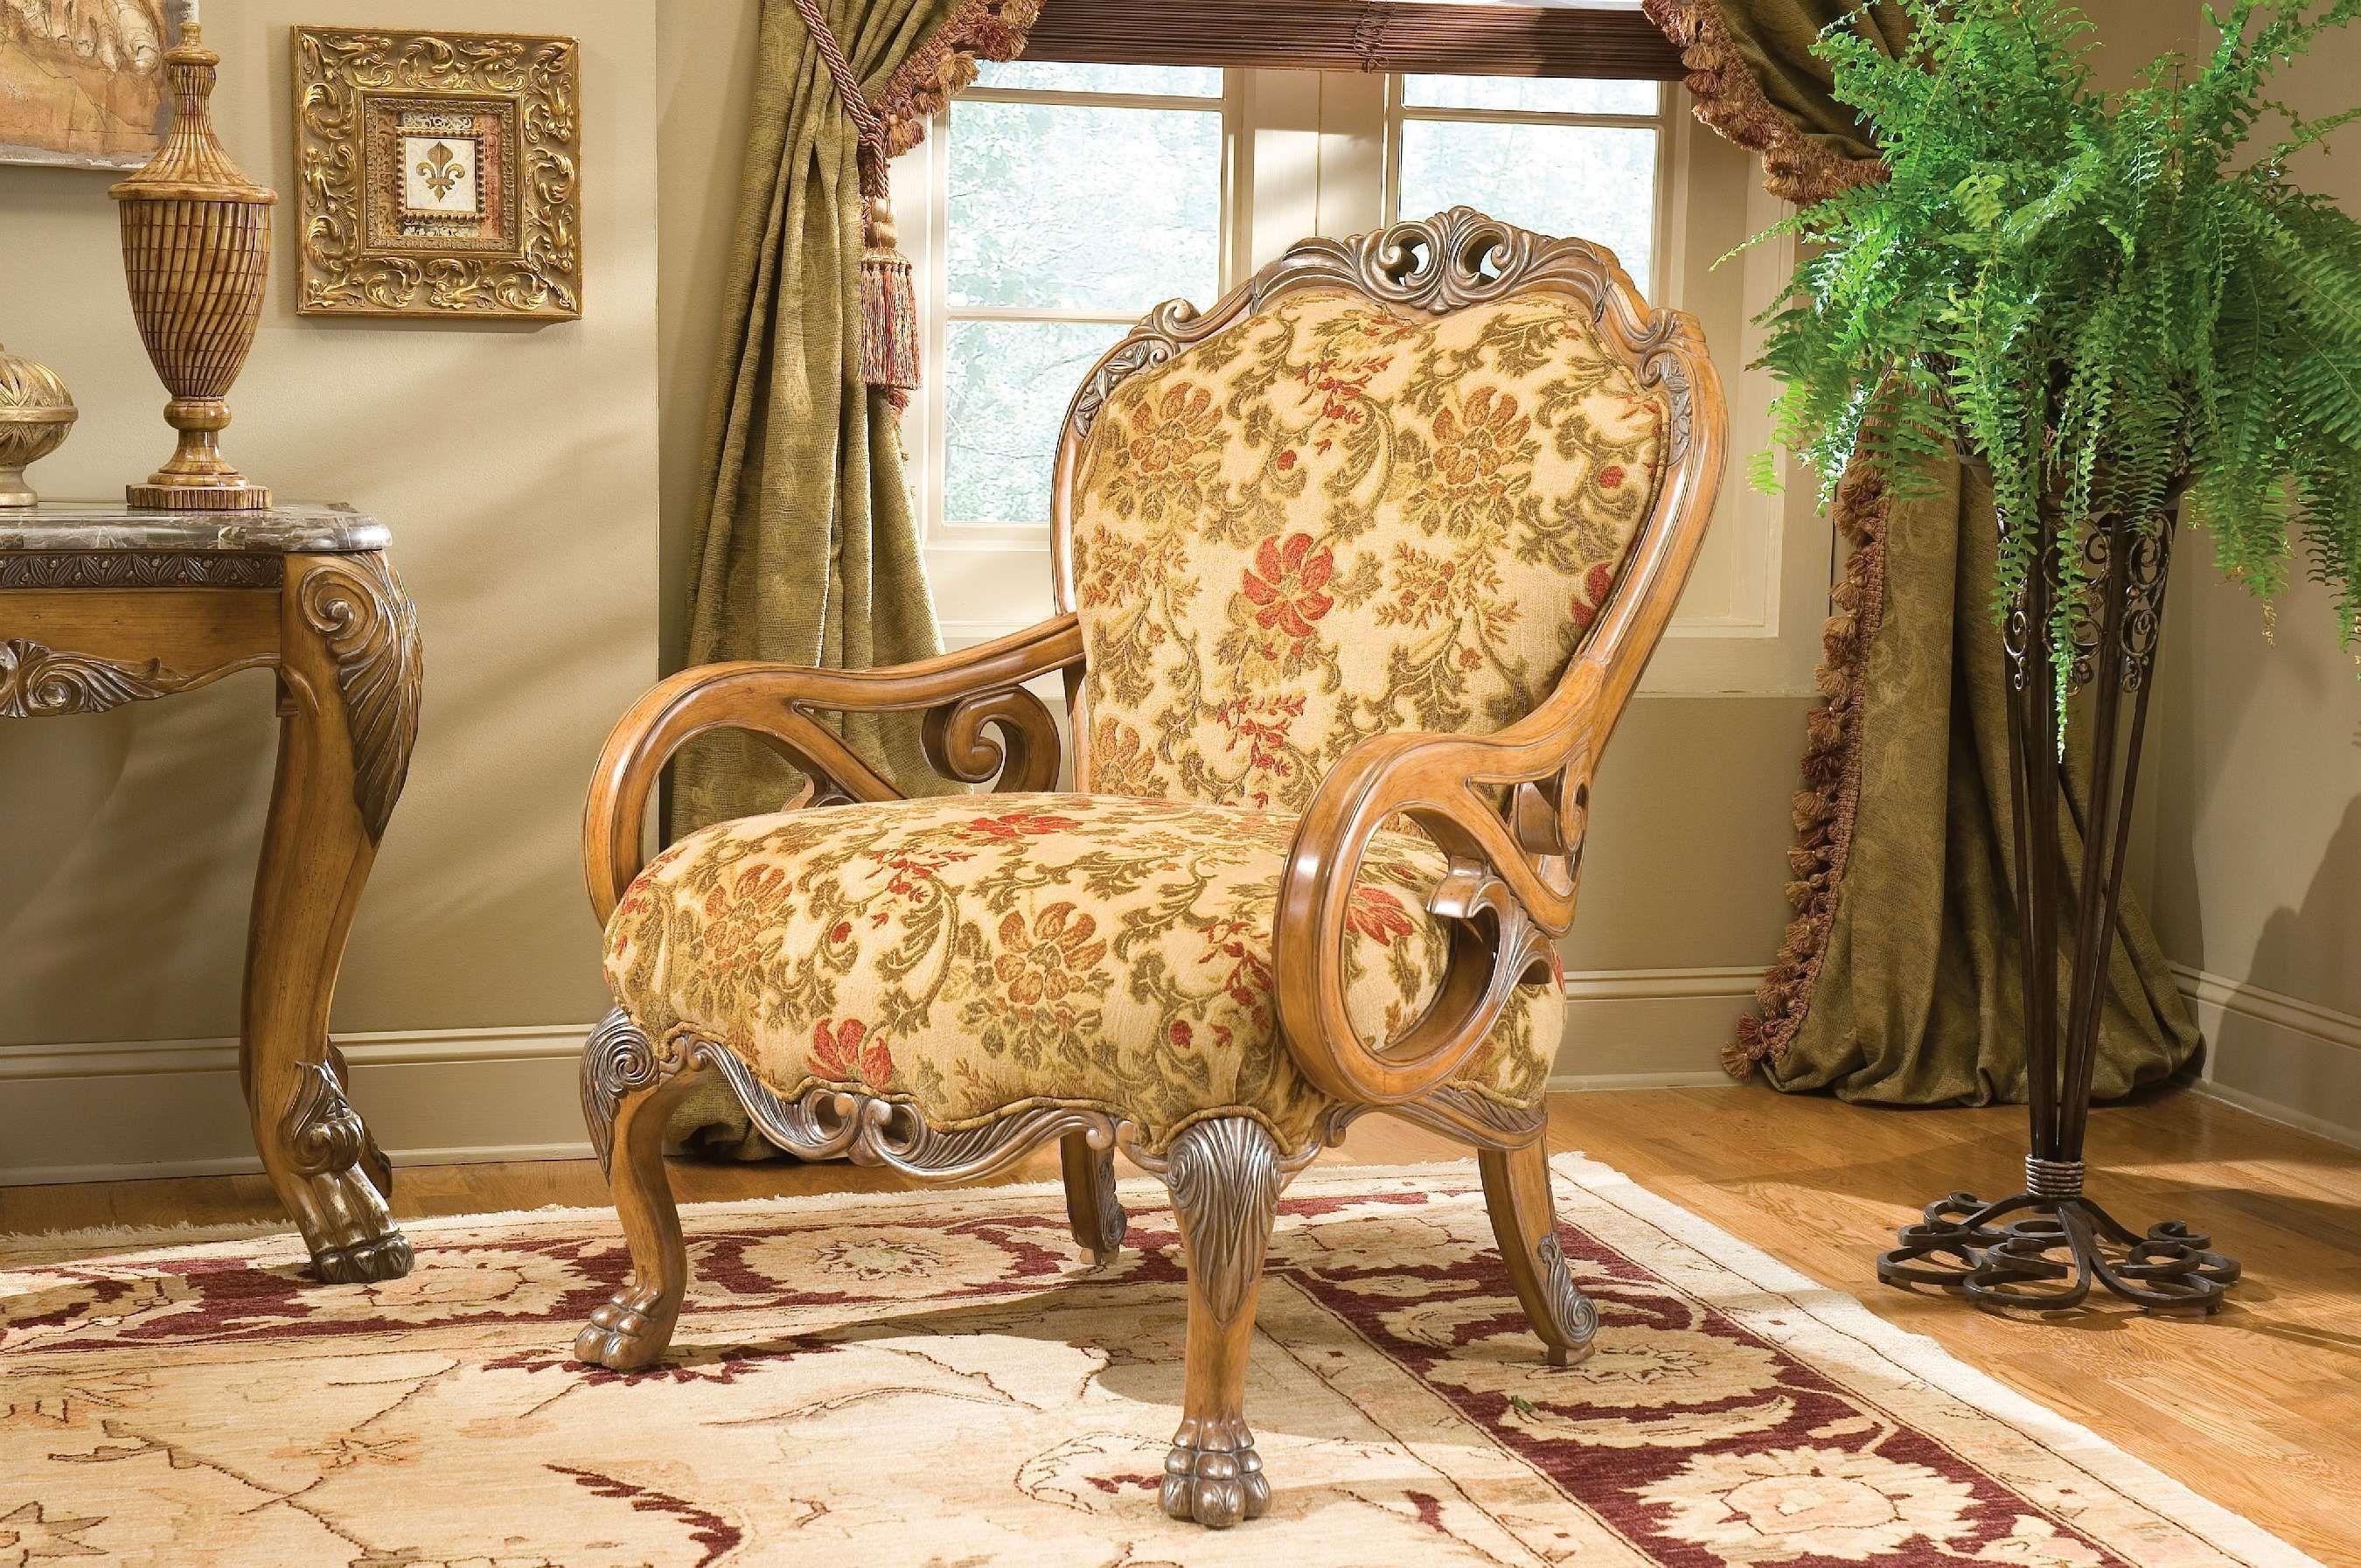 Aico Eden Living Room 3 PC Wood Trim Camelback Sofa Chair